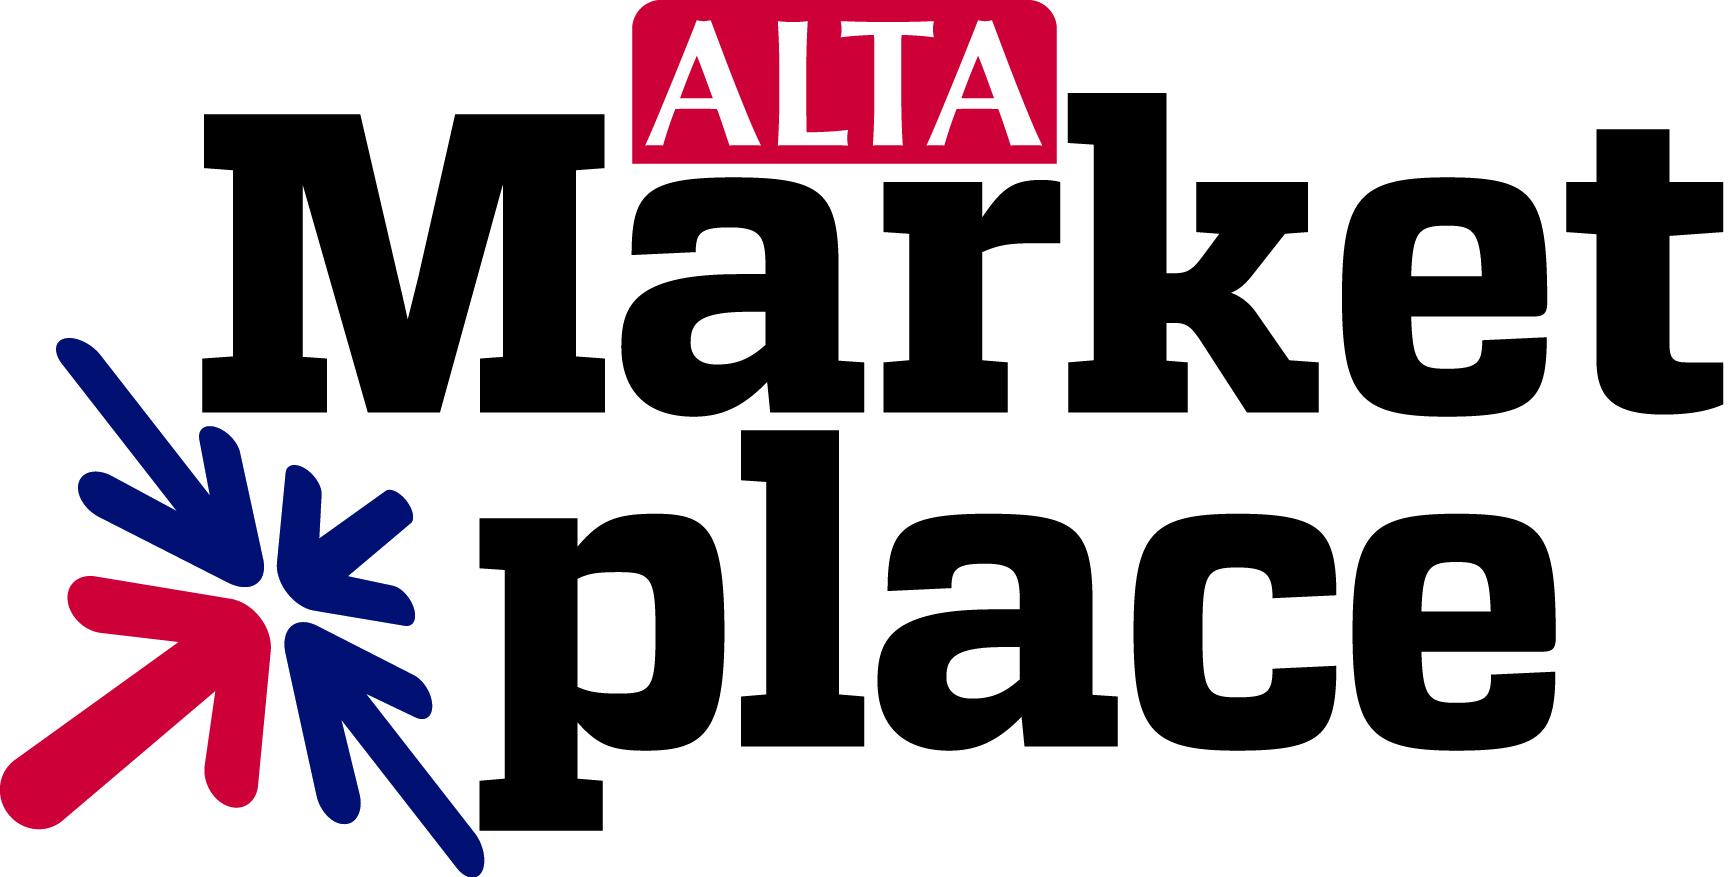 ALTA Vendors & Sponsors